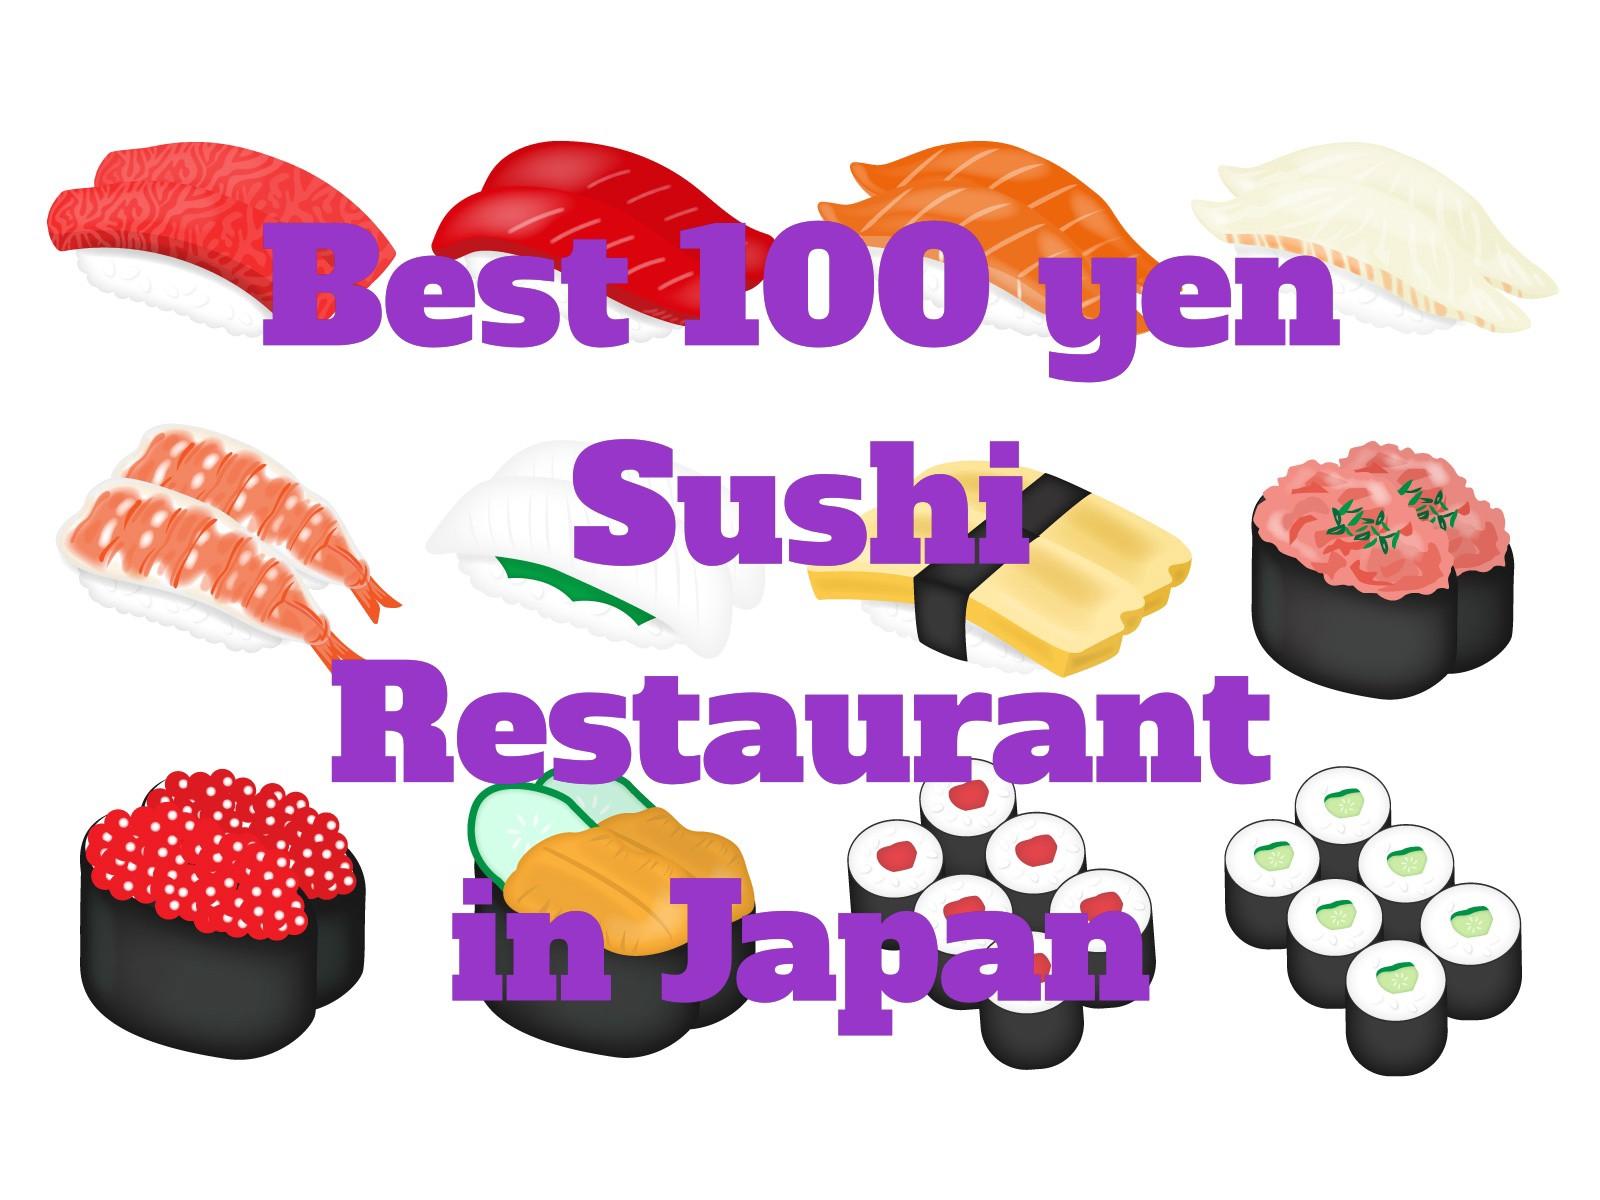 Best 100 yen Sushi in Japan